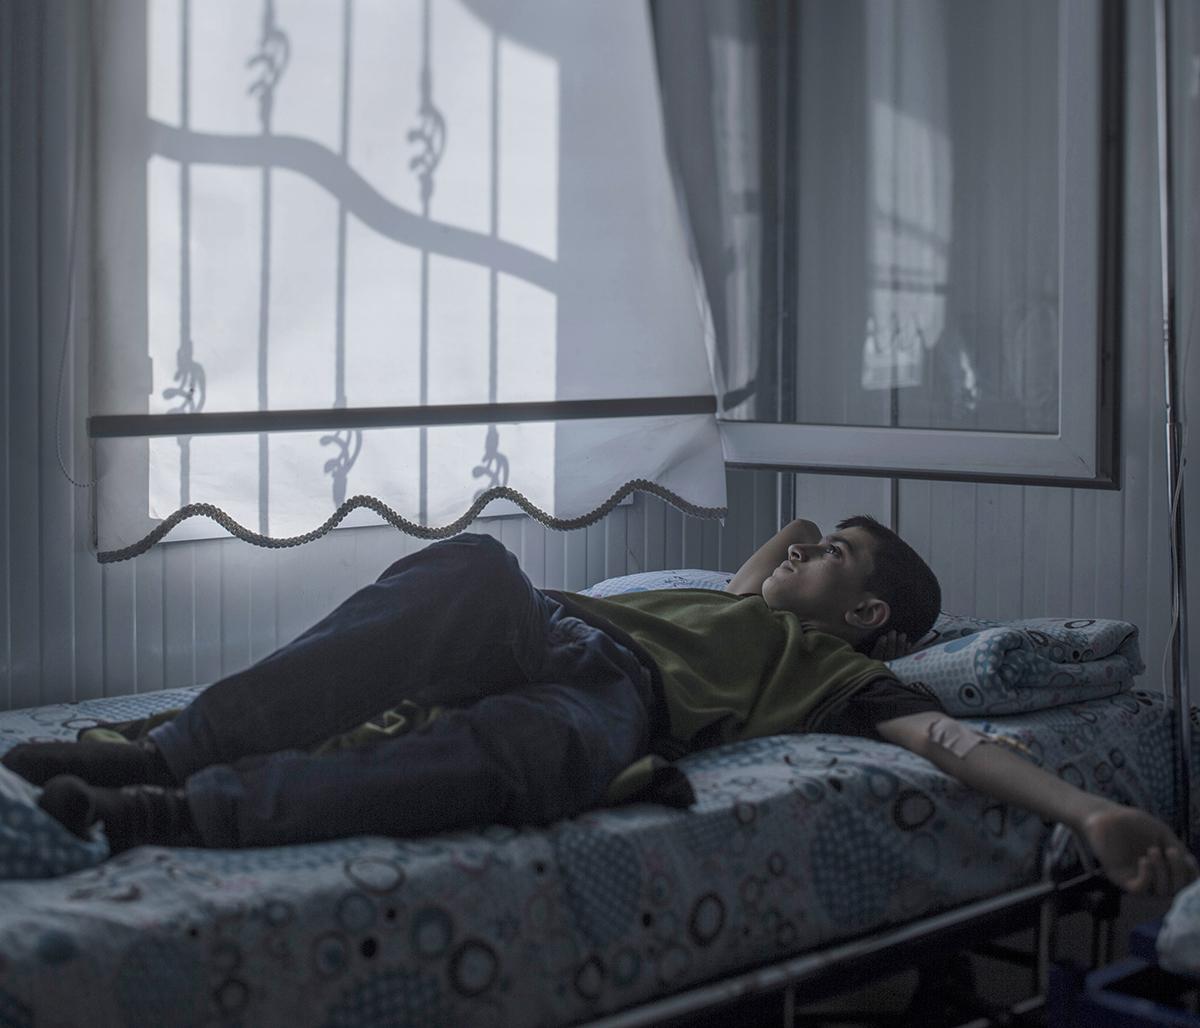 foto van jongen die op bed ligt en naar raam kijkt